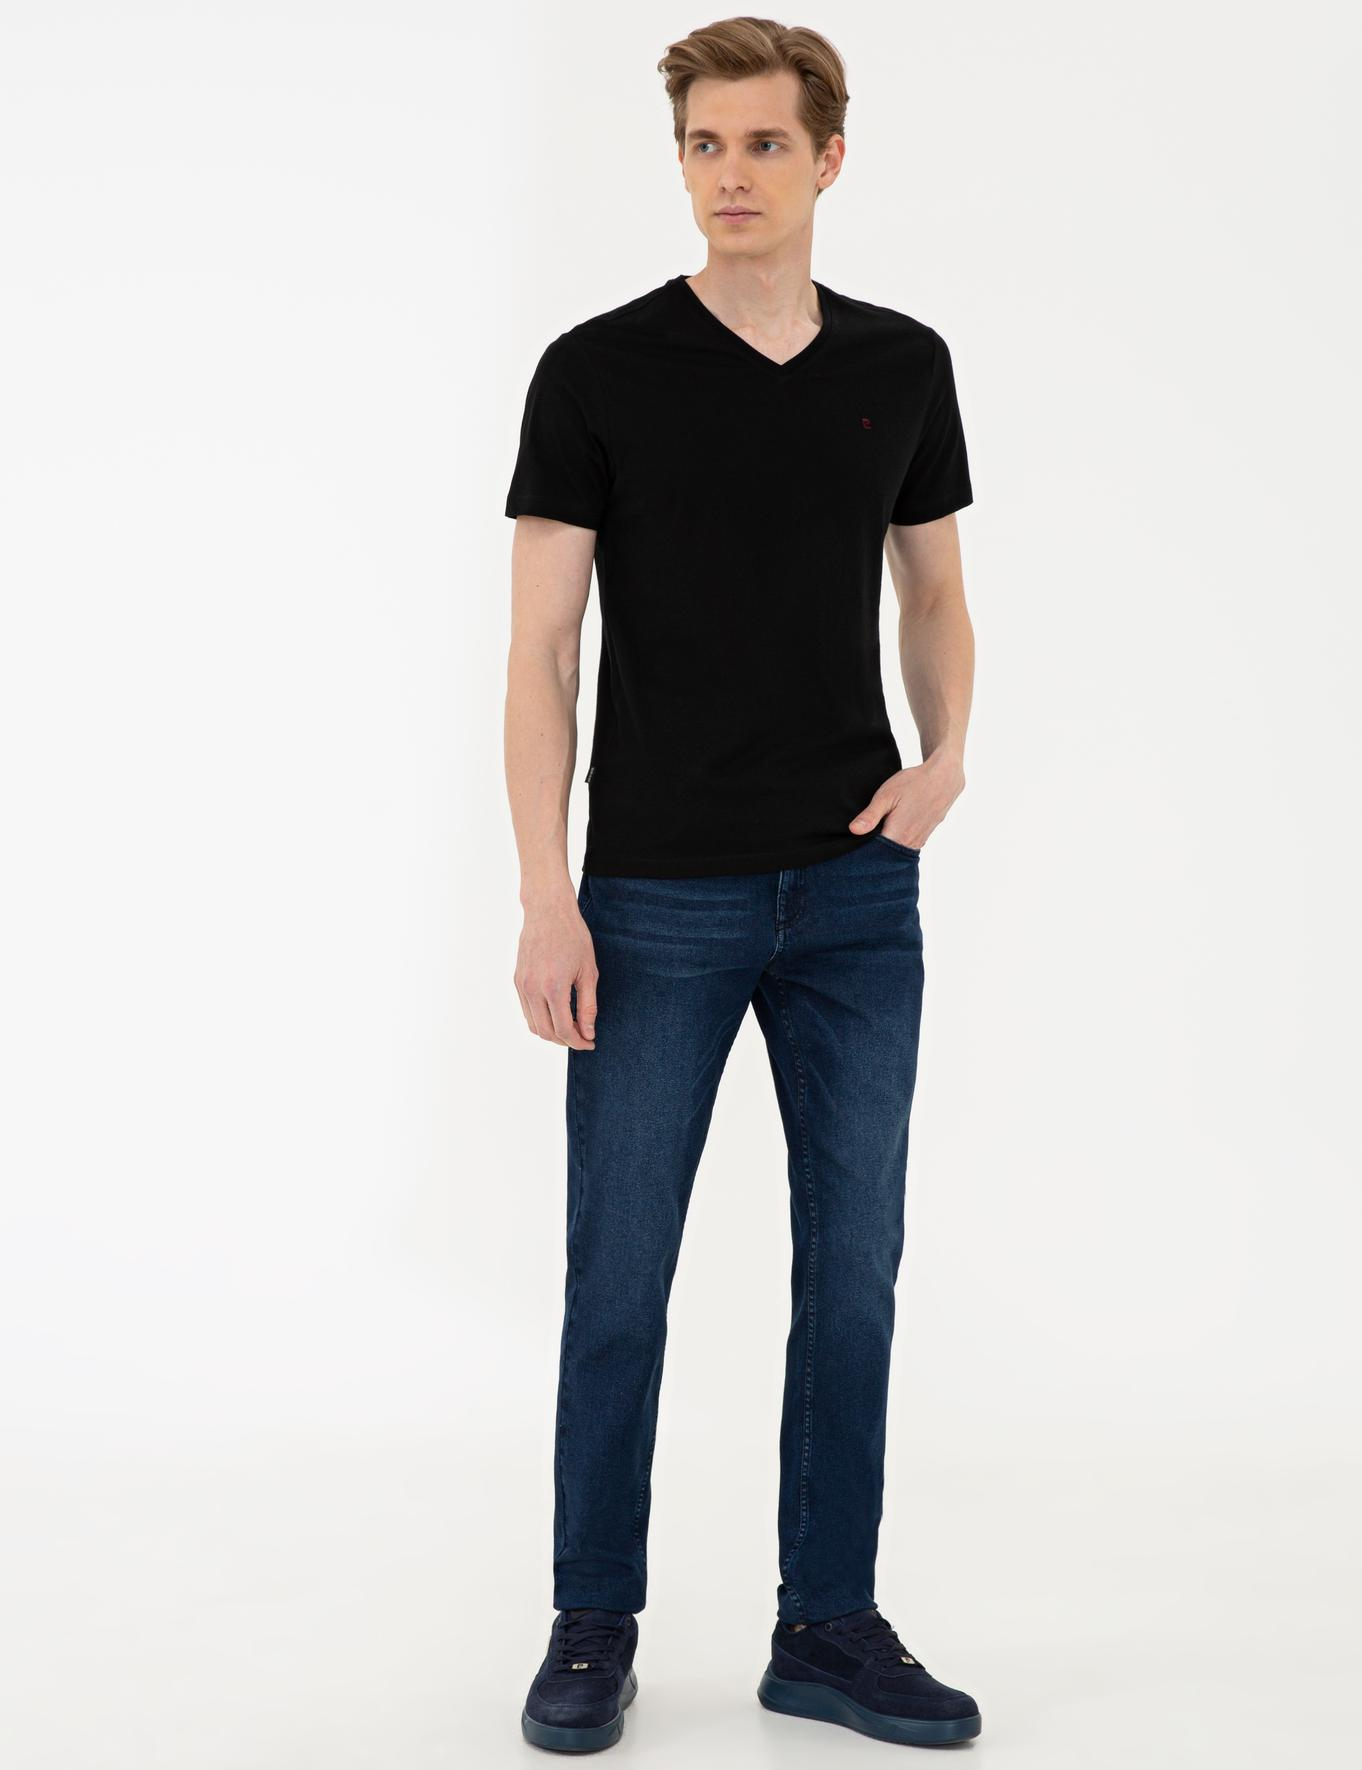 Siyah Slim Fit Basic V Yaka T-Shirt